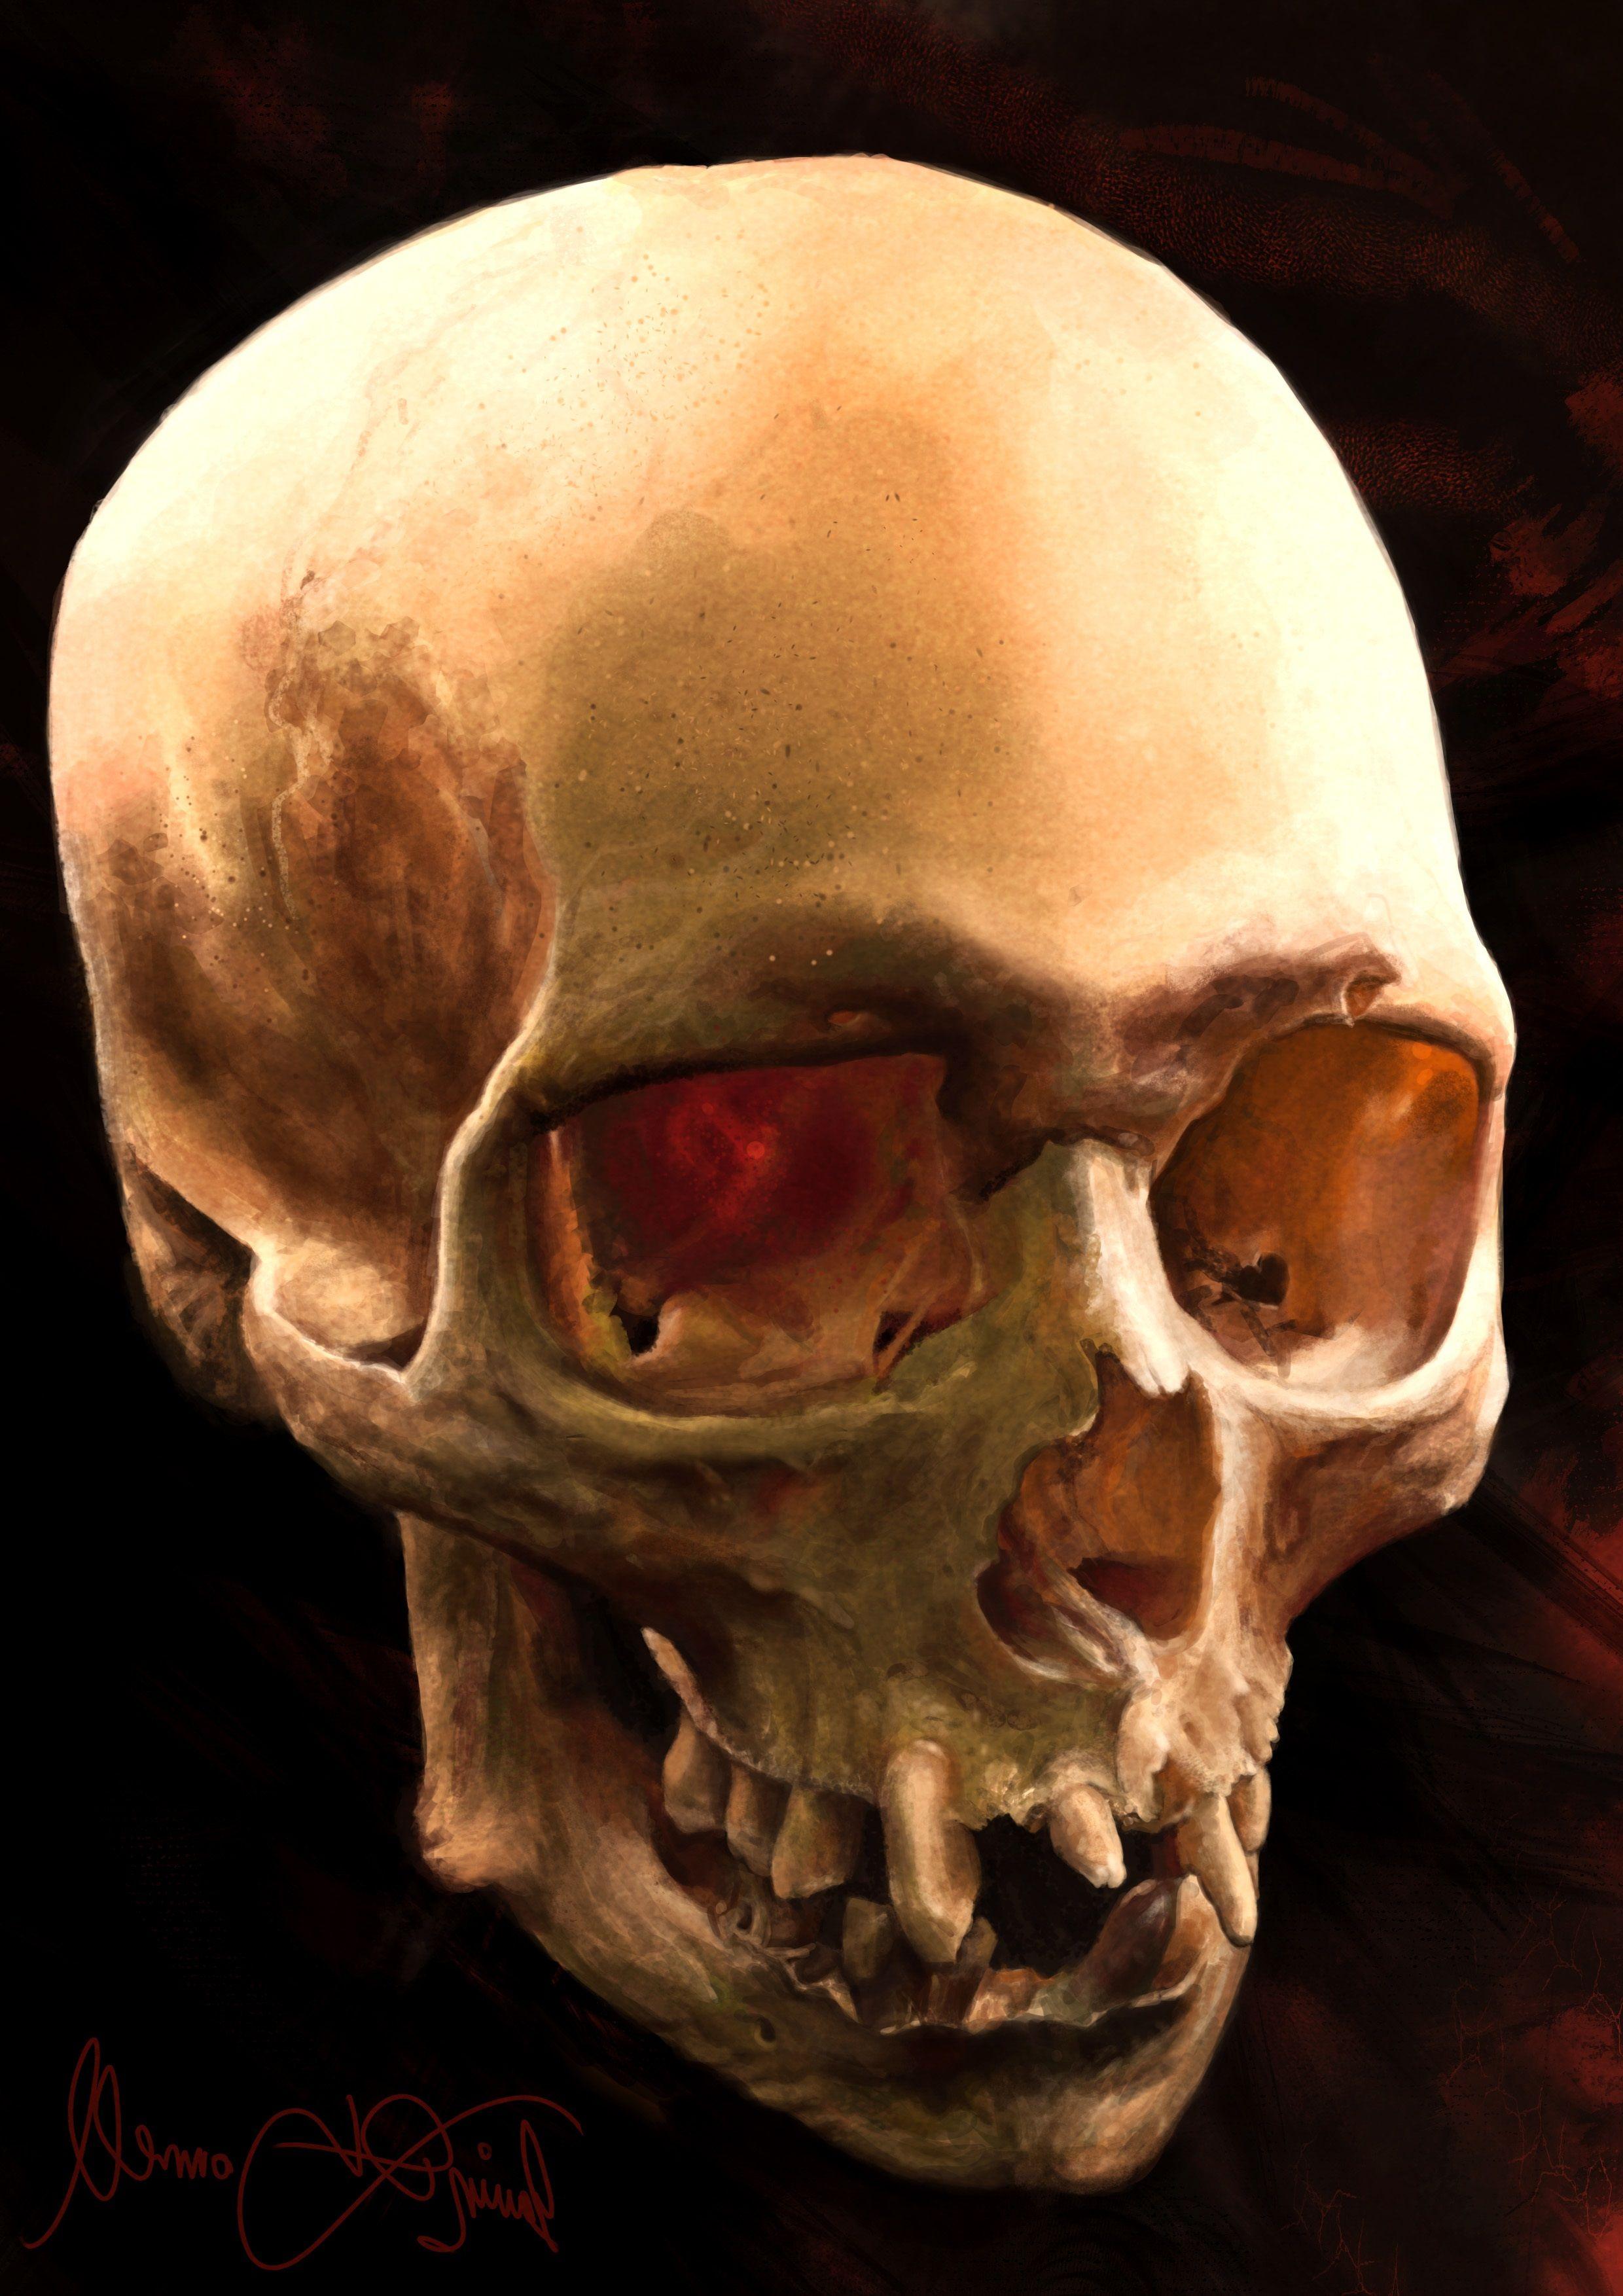 Craneo2 | Skulls | Pinterest | Calaveras, Anatomía y Craneo anatomia